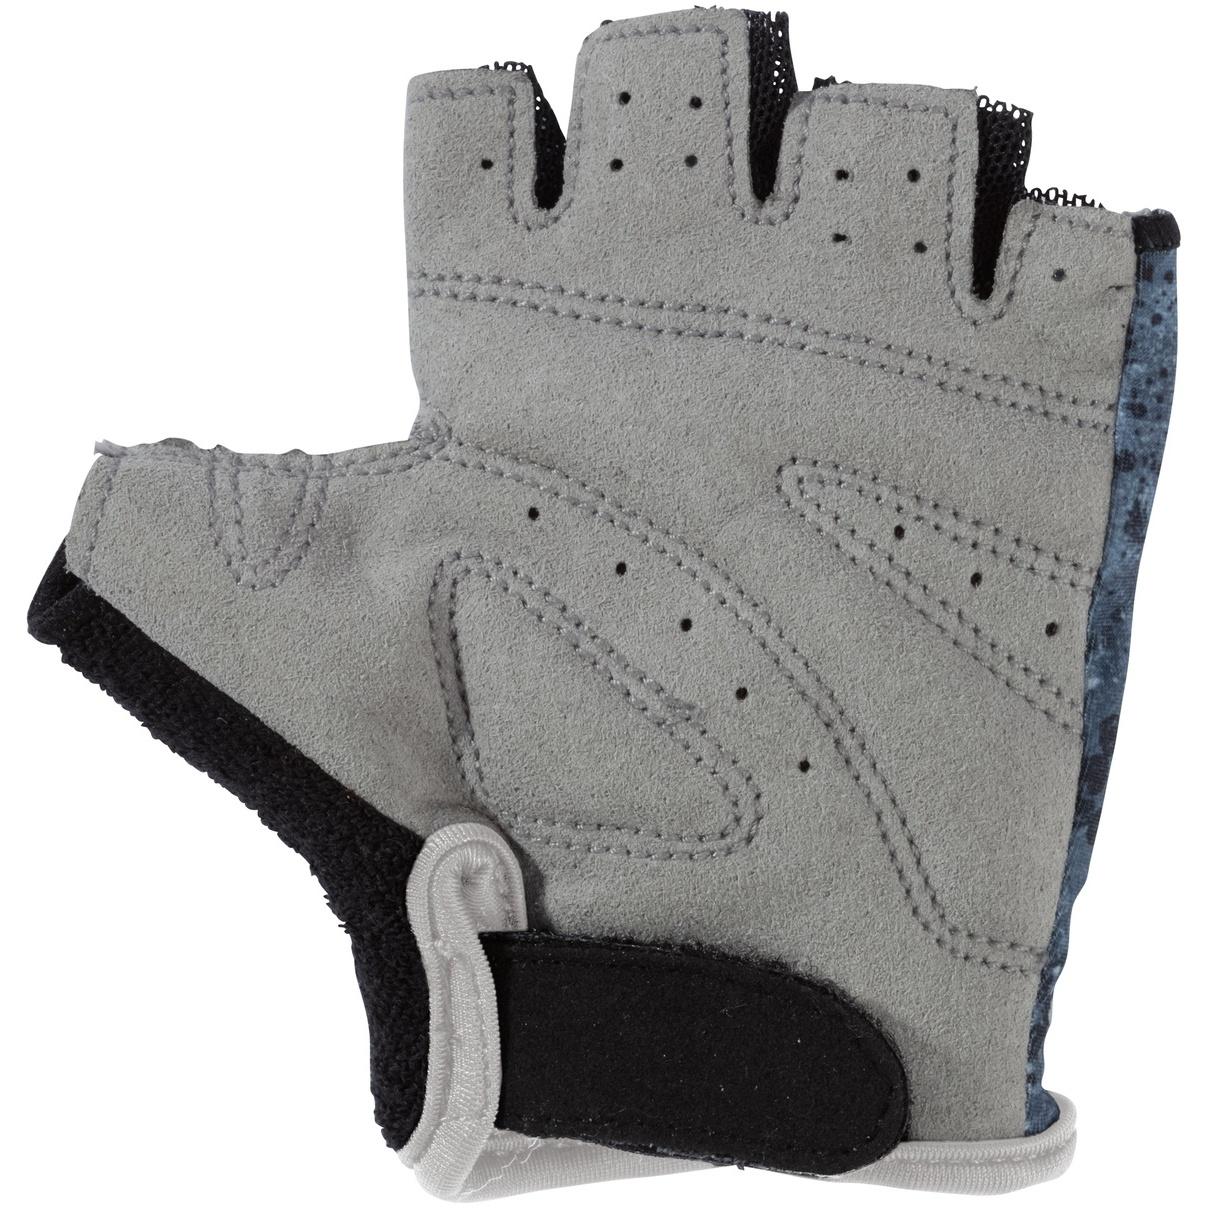 Bild von Vaude Grody Kinder Handschuhe - schwarz